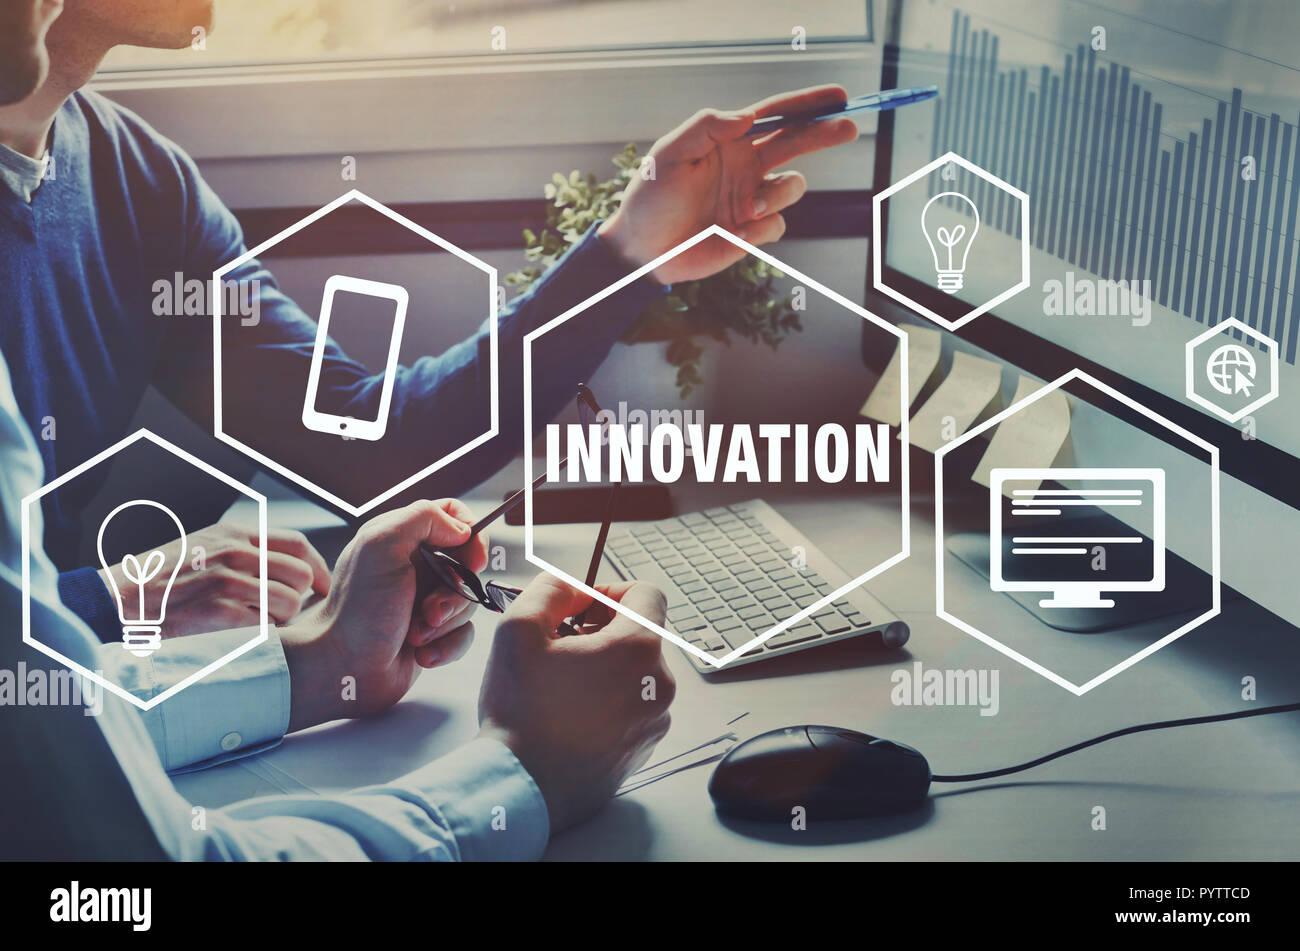 Innovazione tecnologica per il business, innovativa idea, concetto con icone Immagini Stock